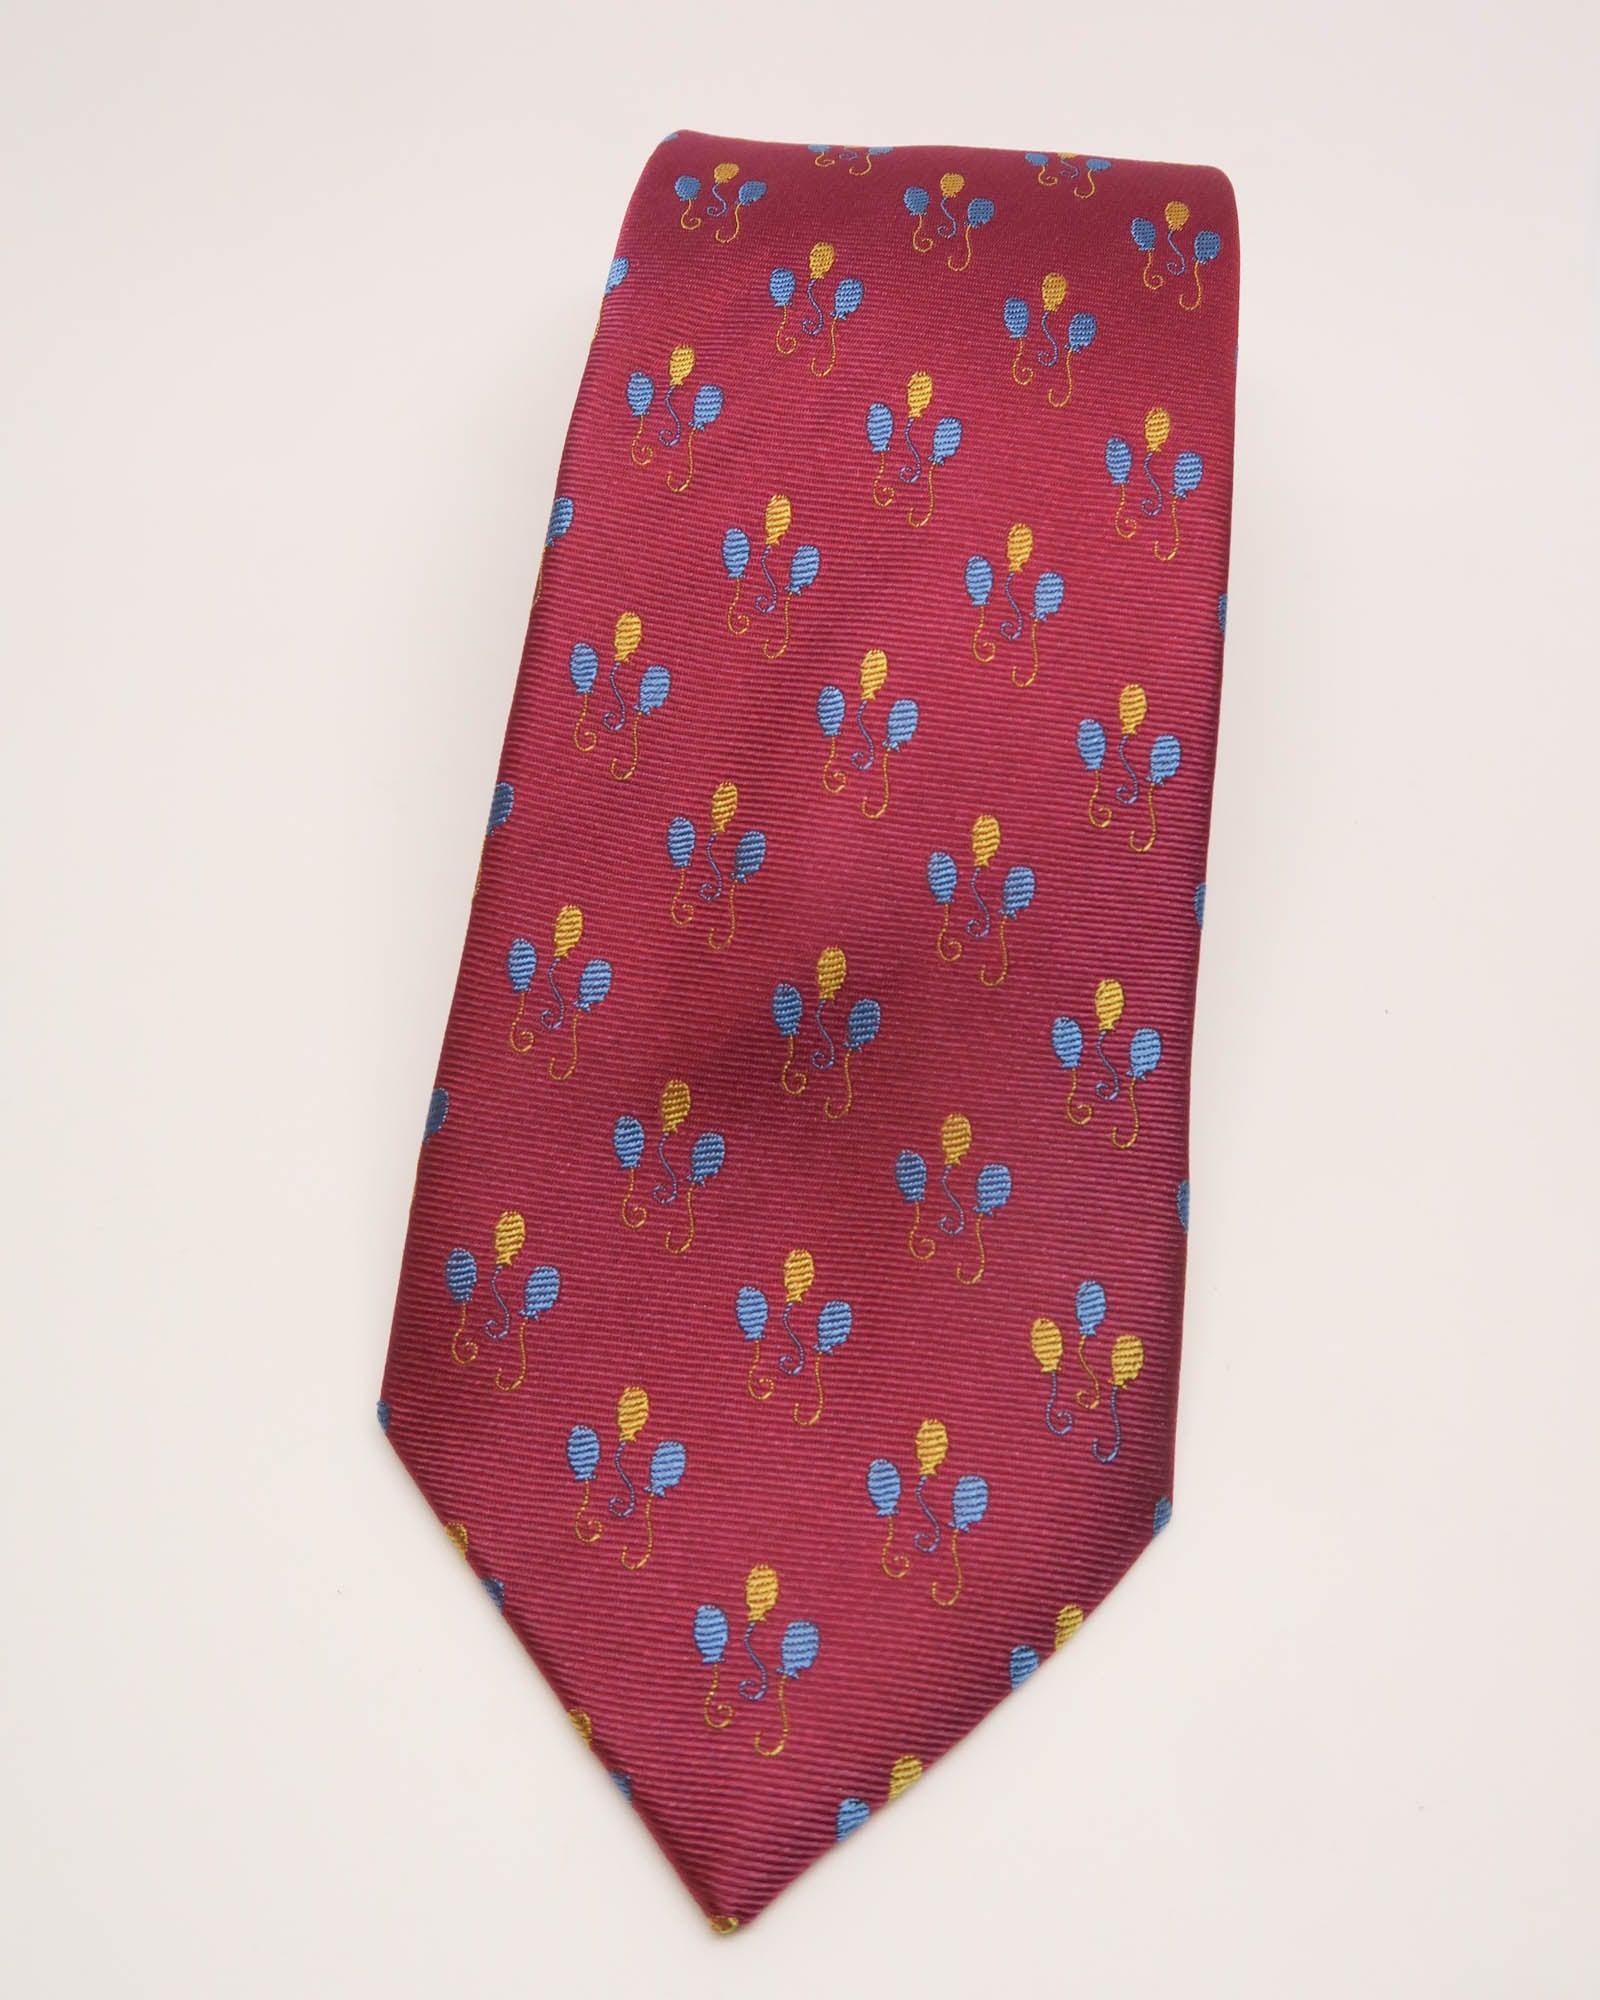 my ties fancy pinkie tie